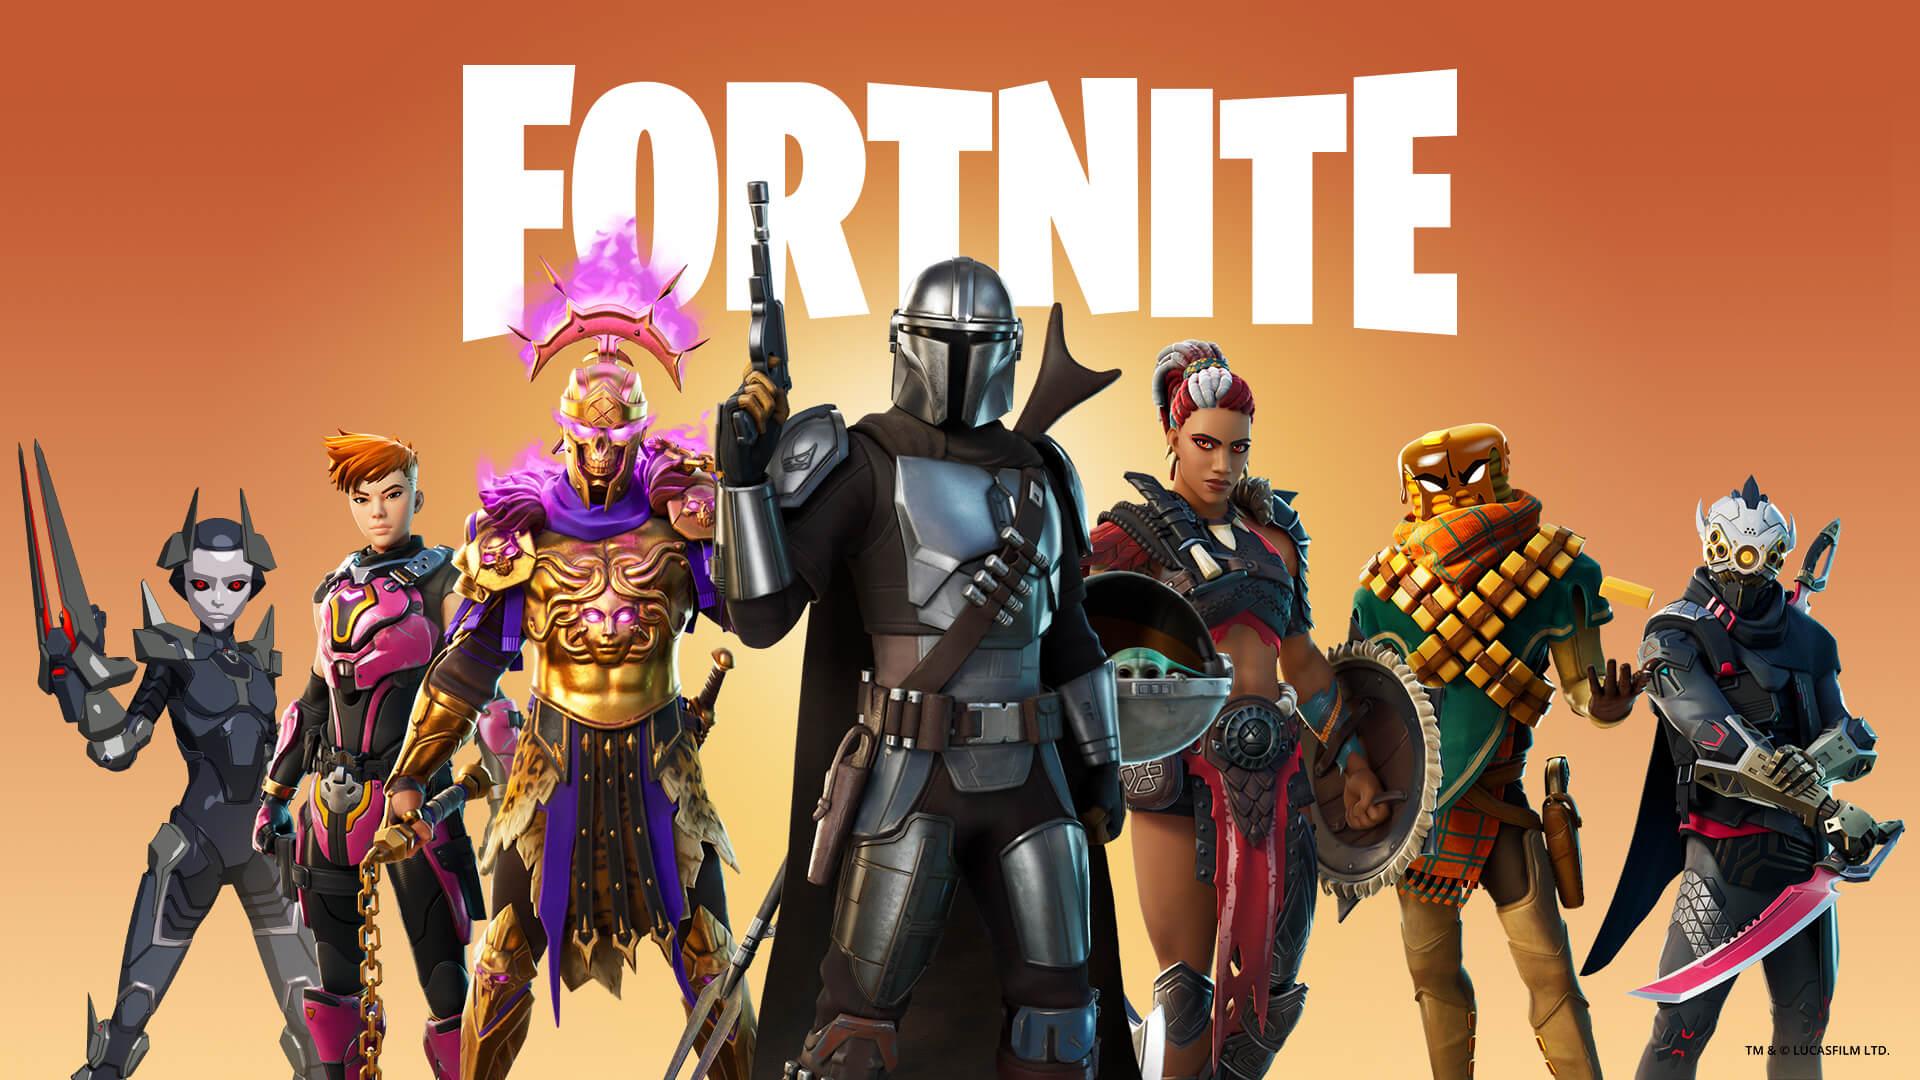 cele mai populare jocuri din 2020